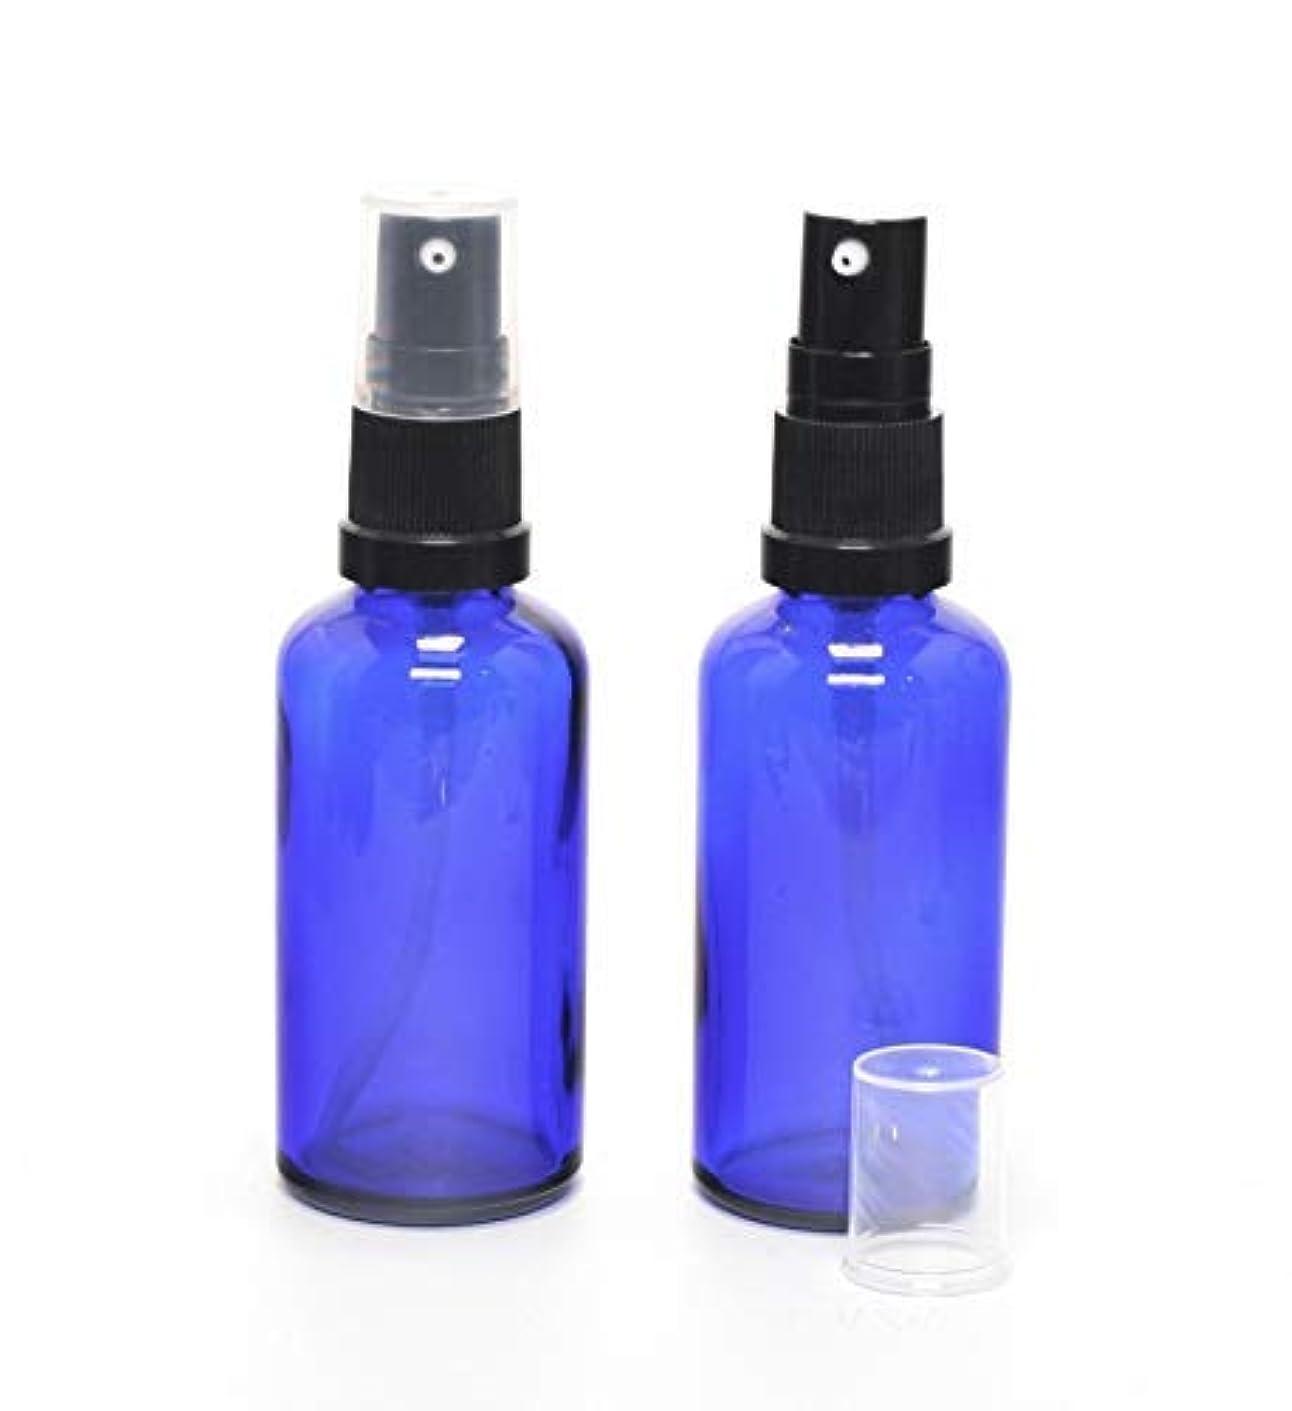 正確な考えしなければならない遮光瓶 (硝子)ポンプボトル 50ml (フィンガープッシュタイプ) / 2本セット (ブルー?ブラックヘッド)